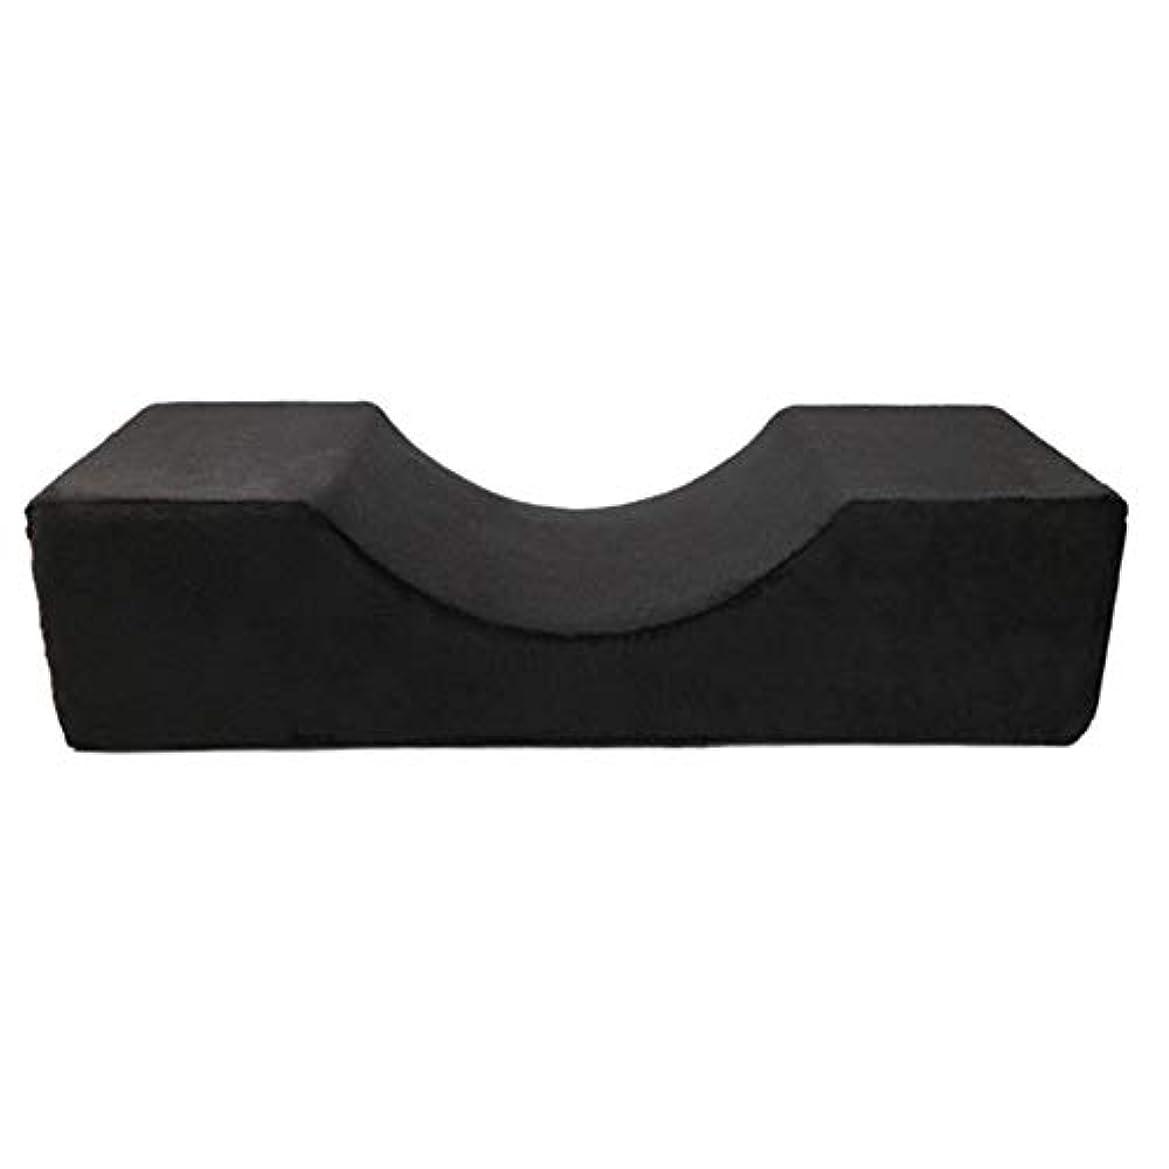 話ヒギンズ大使館Blulux まつげ移植美容枕PUレザー防水まつげ枕移植まつげ枕(opp袋)